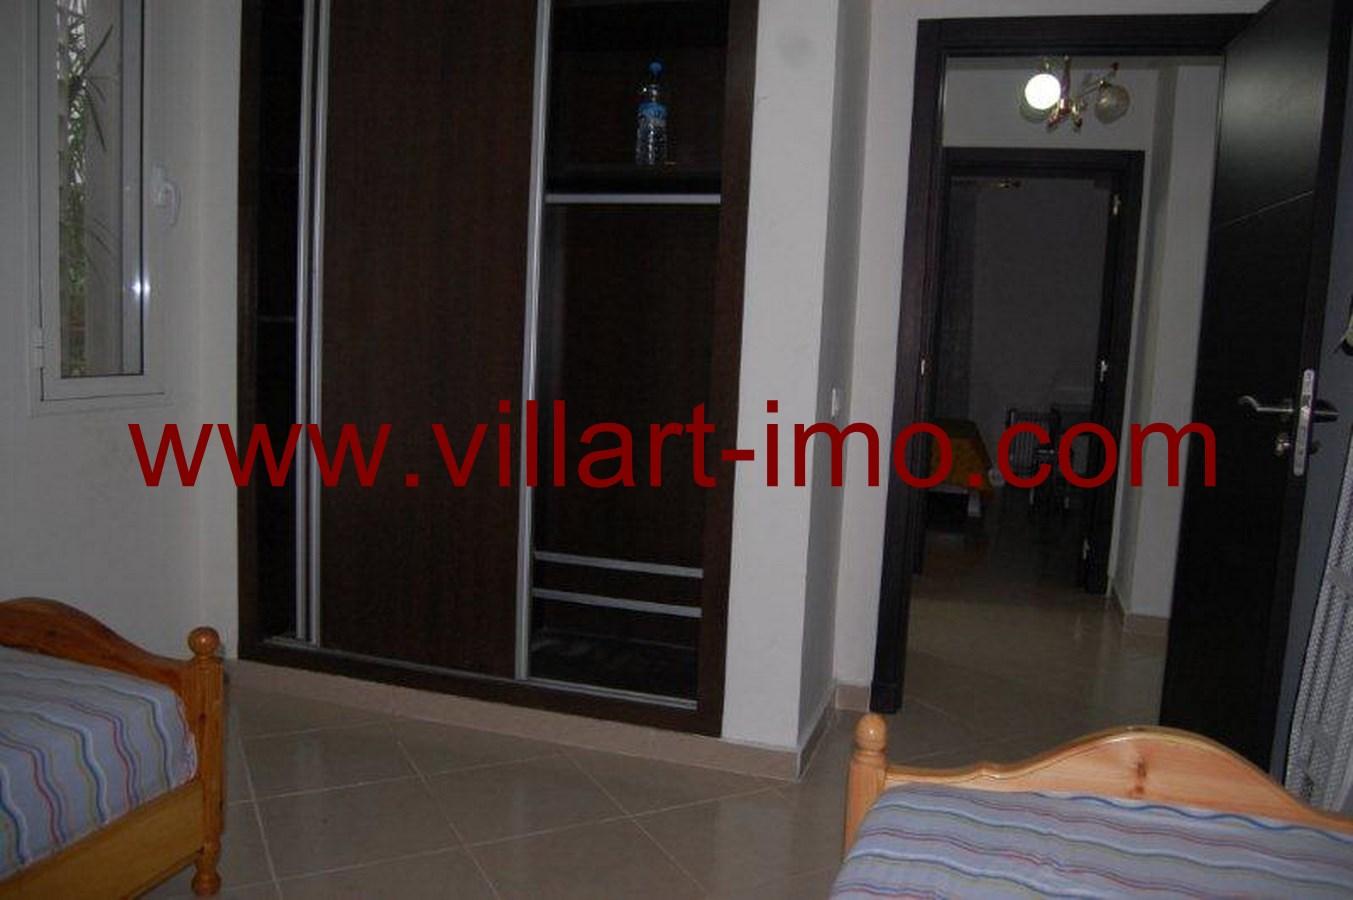 Location appartement meubl tanger villart - Fiscalite location appartement meuble ...